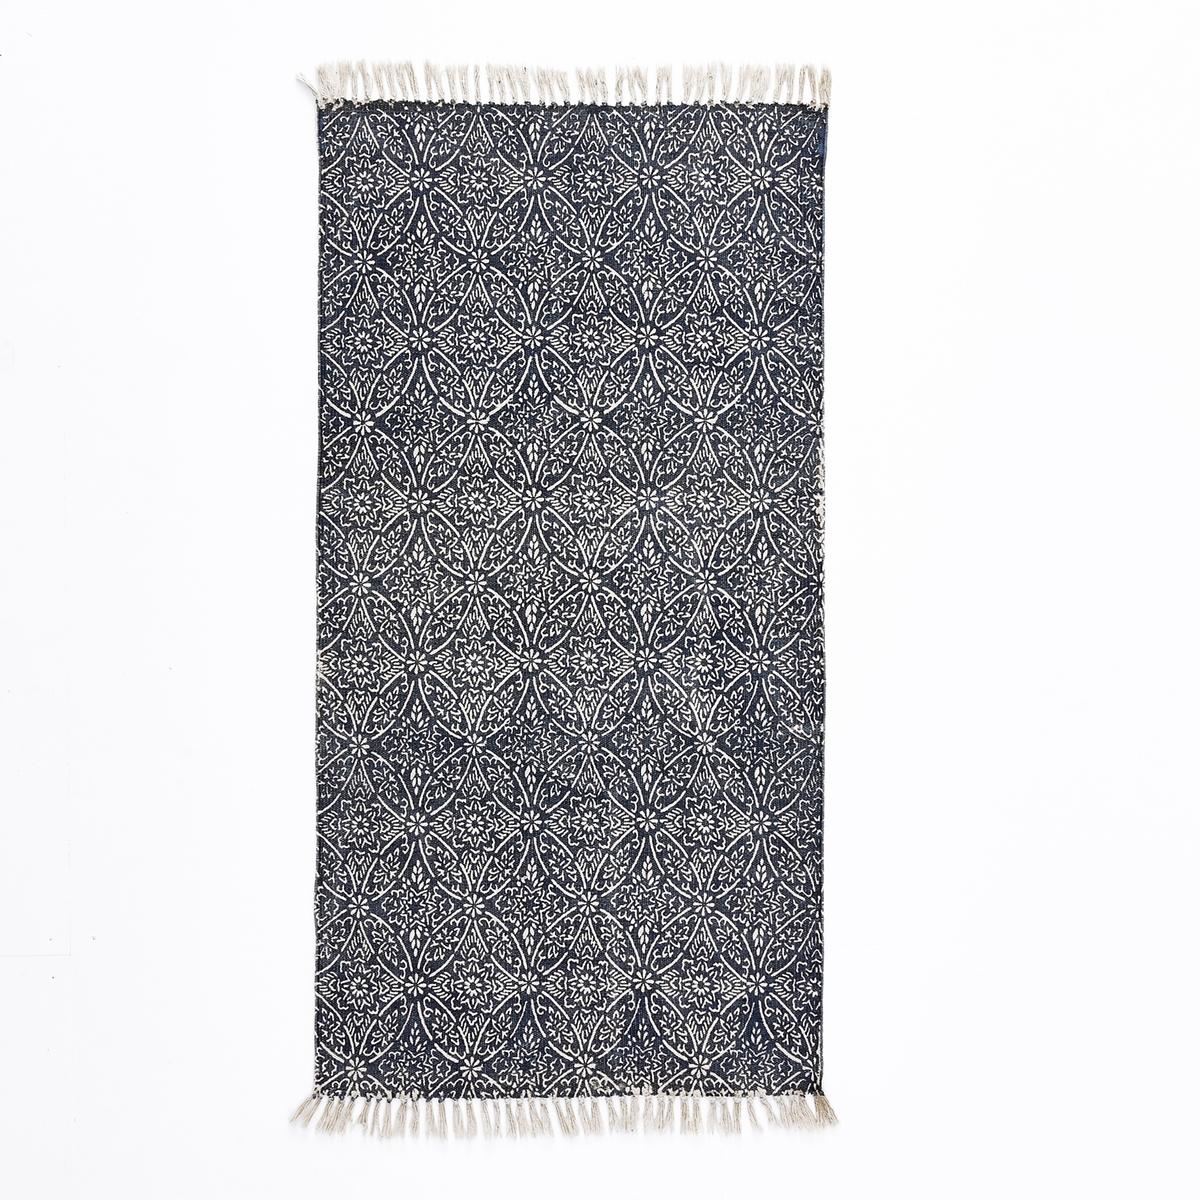 Дорожка ковровая из хлопка с рисунком, DarnoХарактеристики ковровой дорожки из хлопка с рисунком Darno :100% хлопок.Отделка бахромой. Другие модели ковров вы можете найти на сайте laredoute.ru.Размеры ковровой дорожки из хлопка с рисунком Darno :70 x 140 см<br><br>Цвет: синий/экрю